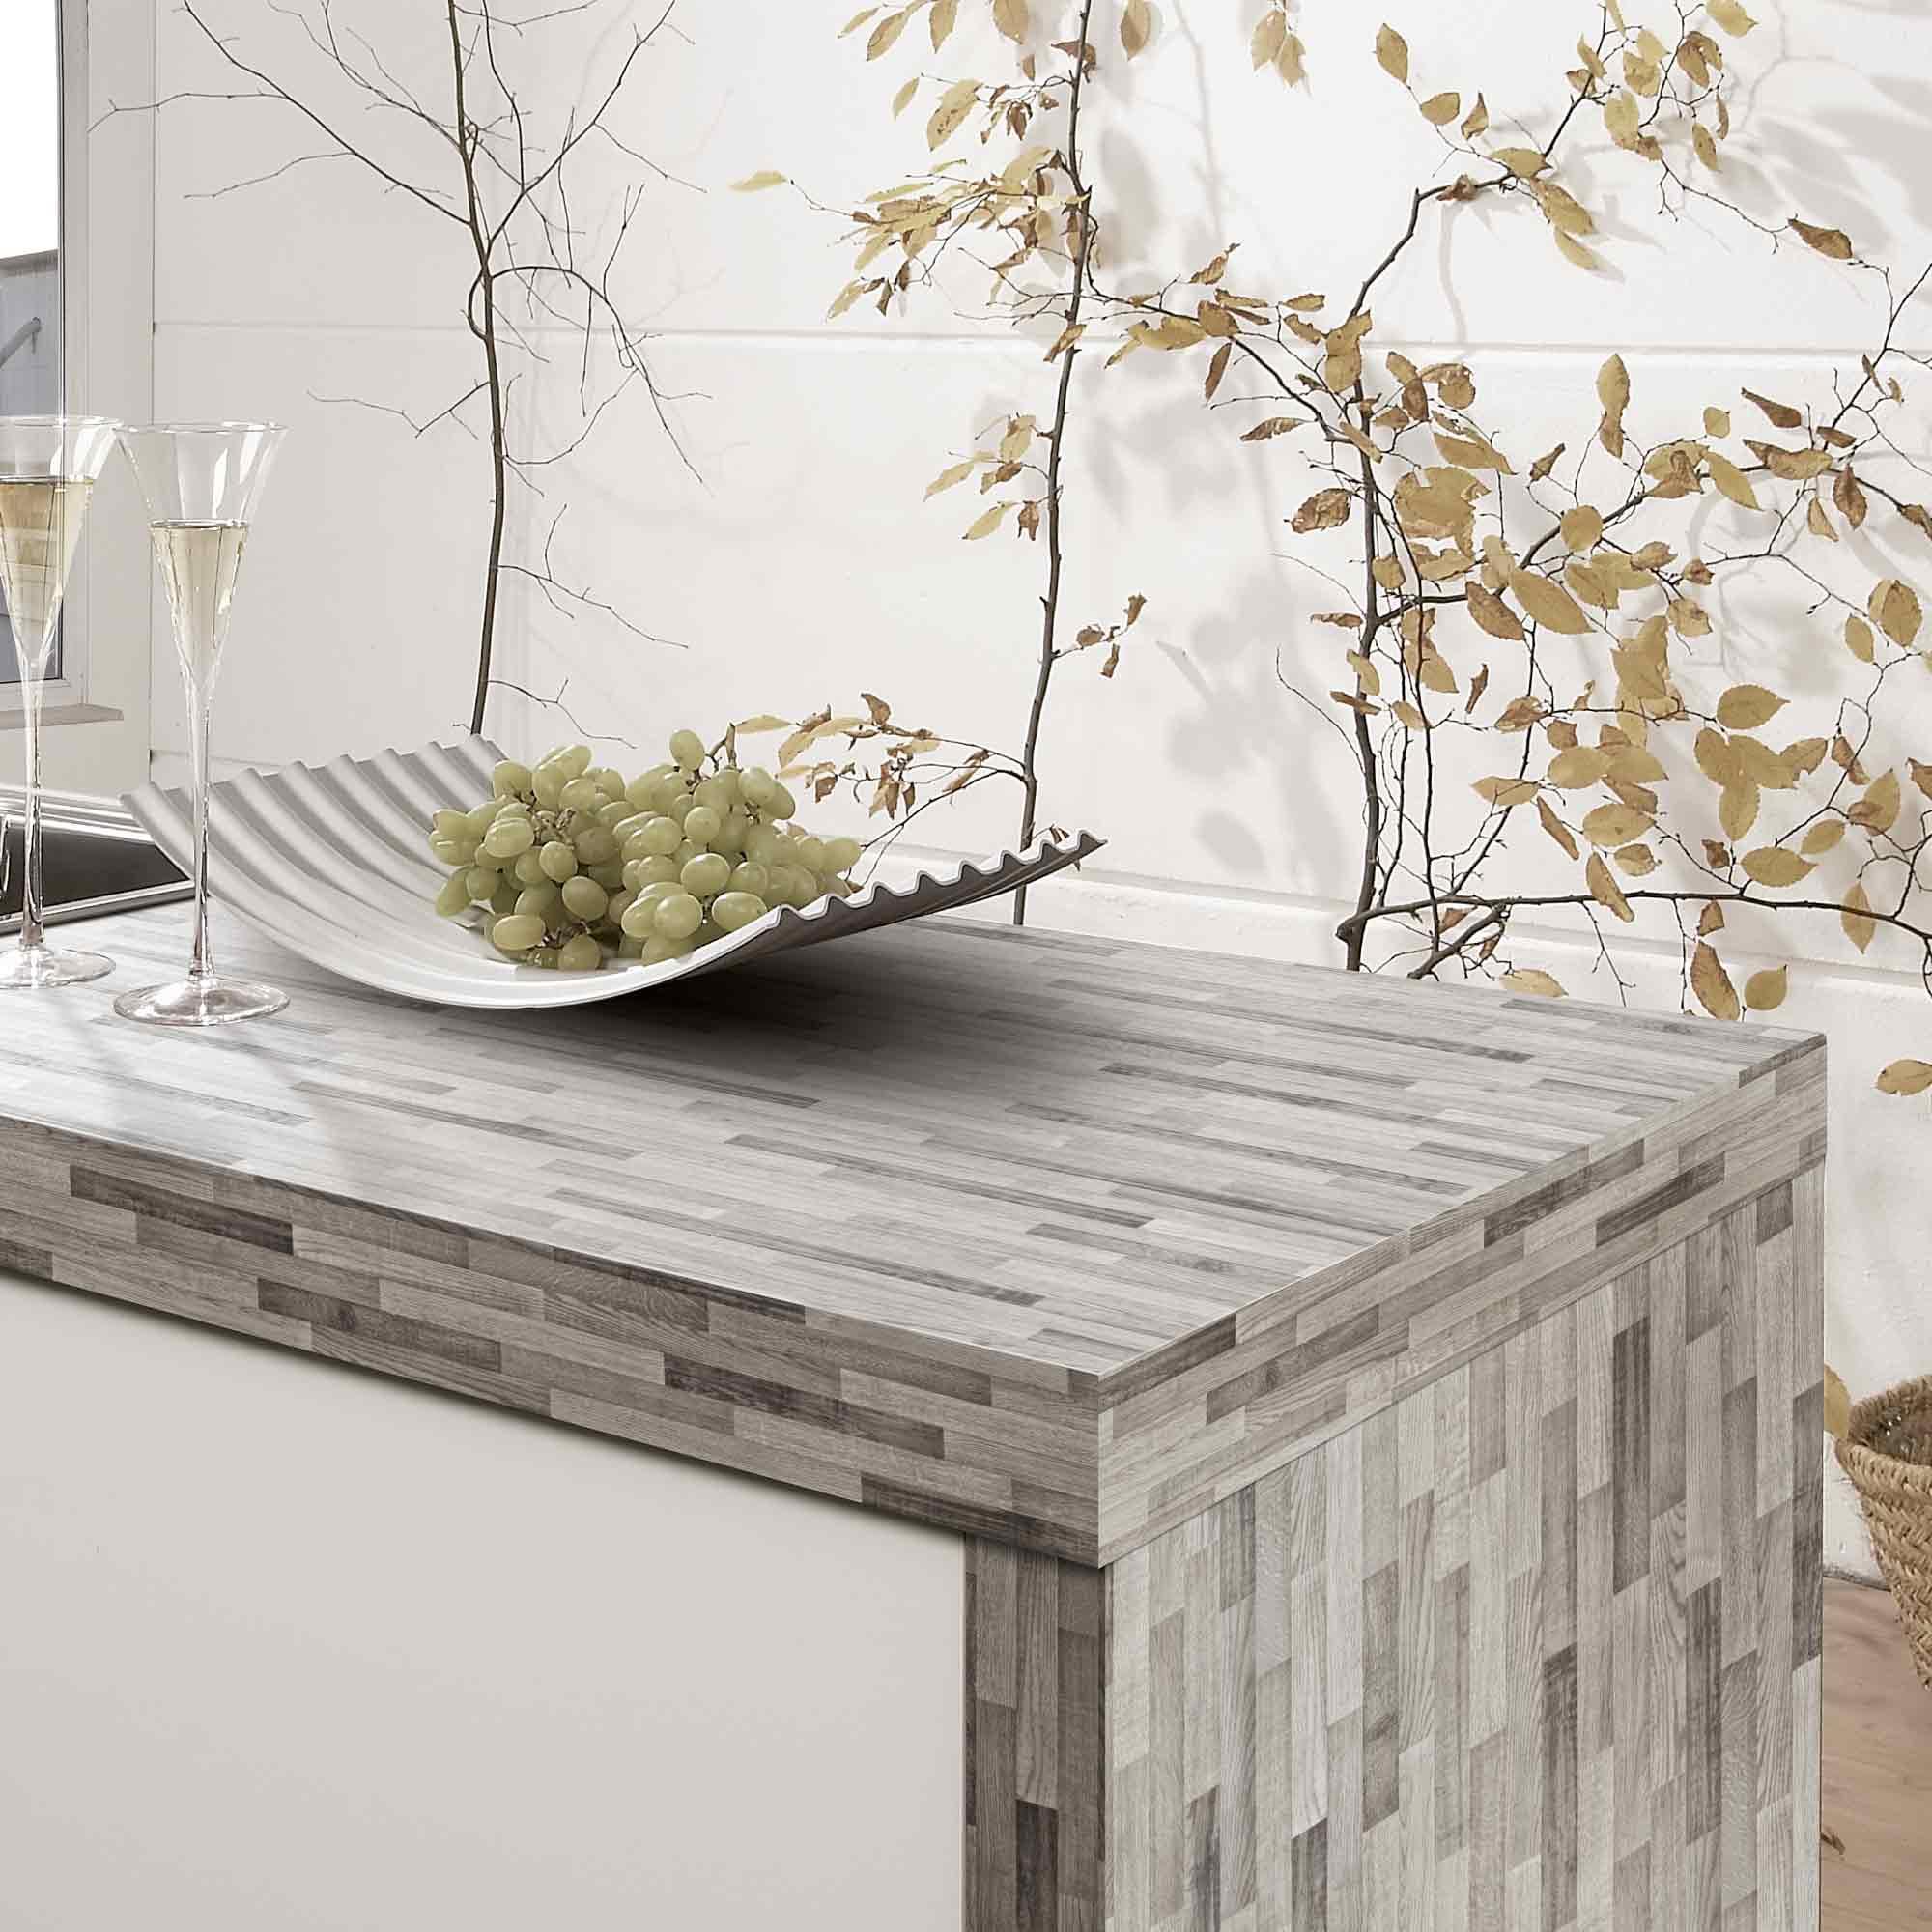 Arbeitsplatte mit Obstschale in der Küche – HolzLand Verbeek